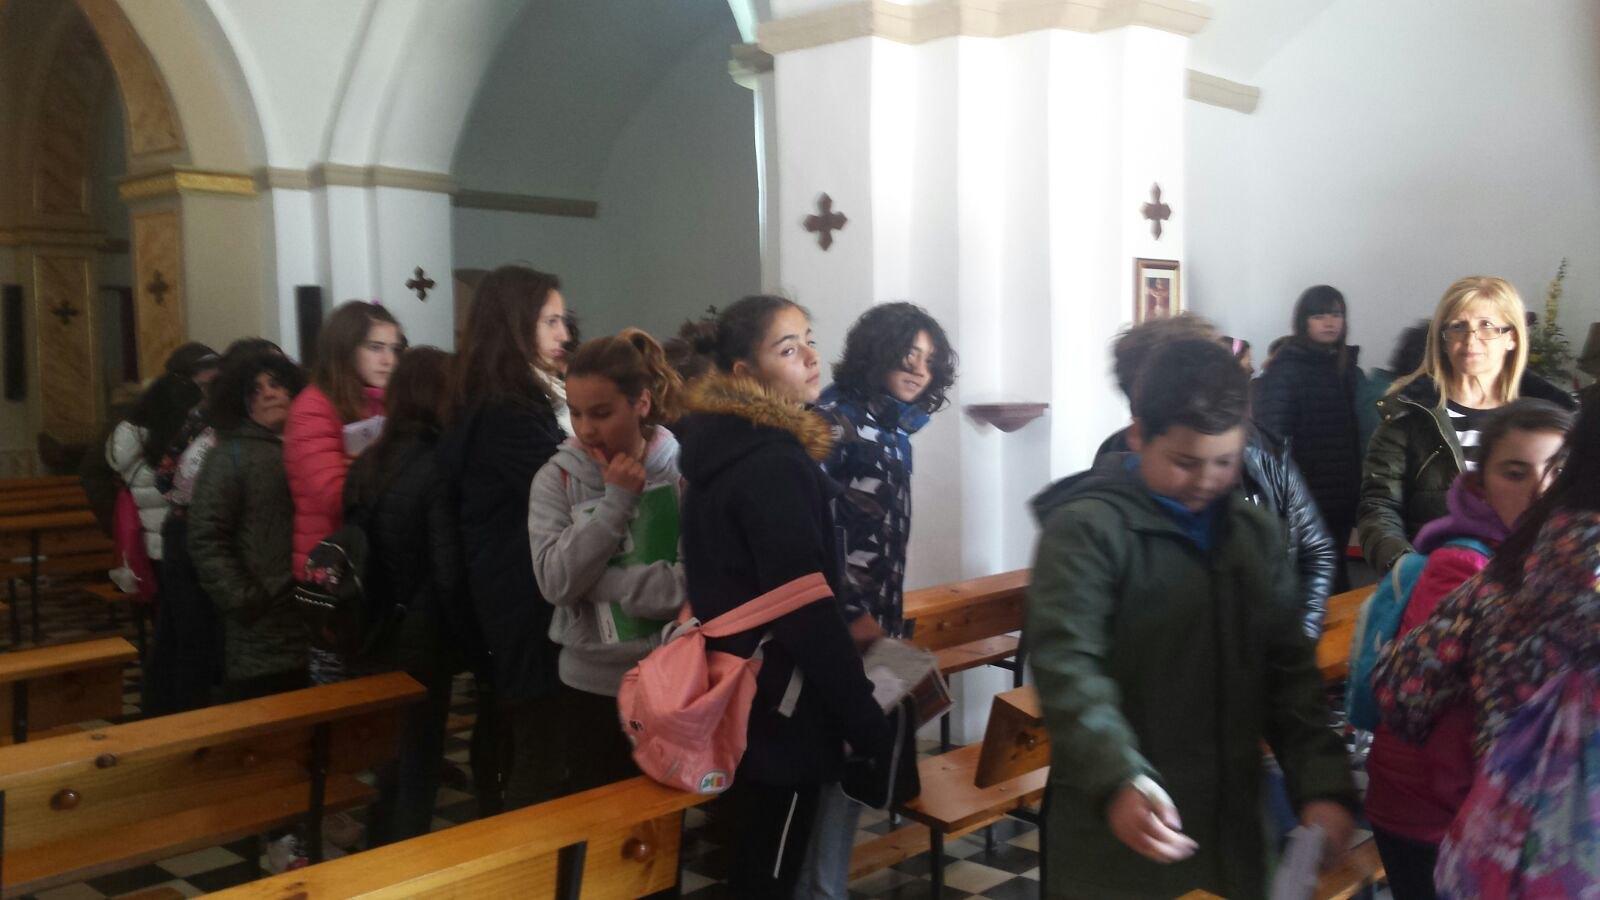 (2018-03-19) - Visita ermita alumnos Yolada-Pilar,6º, Virrey Poveda-9 de Octubre - Maria Isabel Berenquer Brotons - (07)